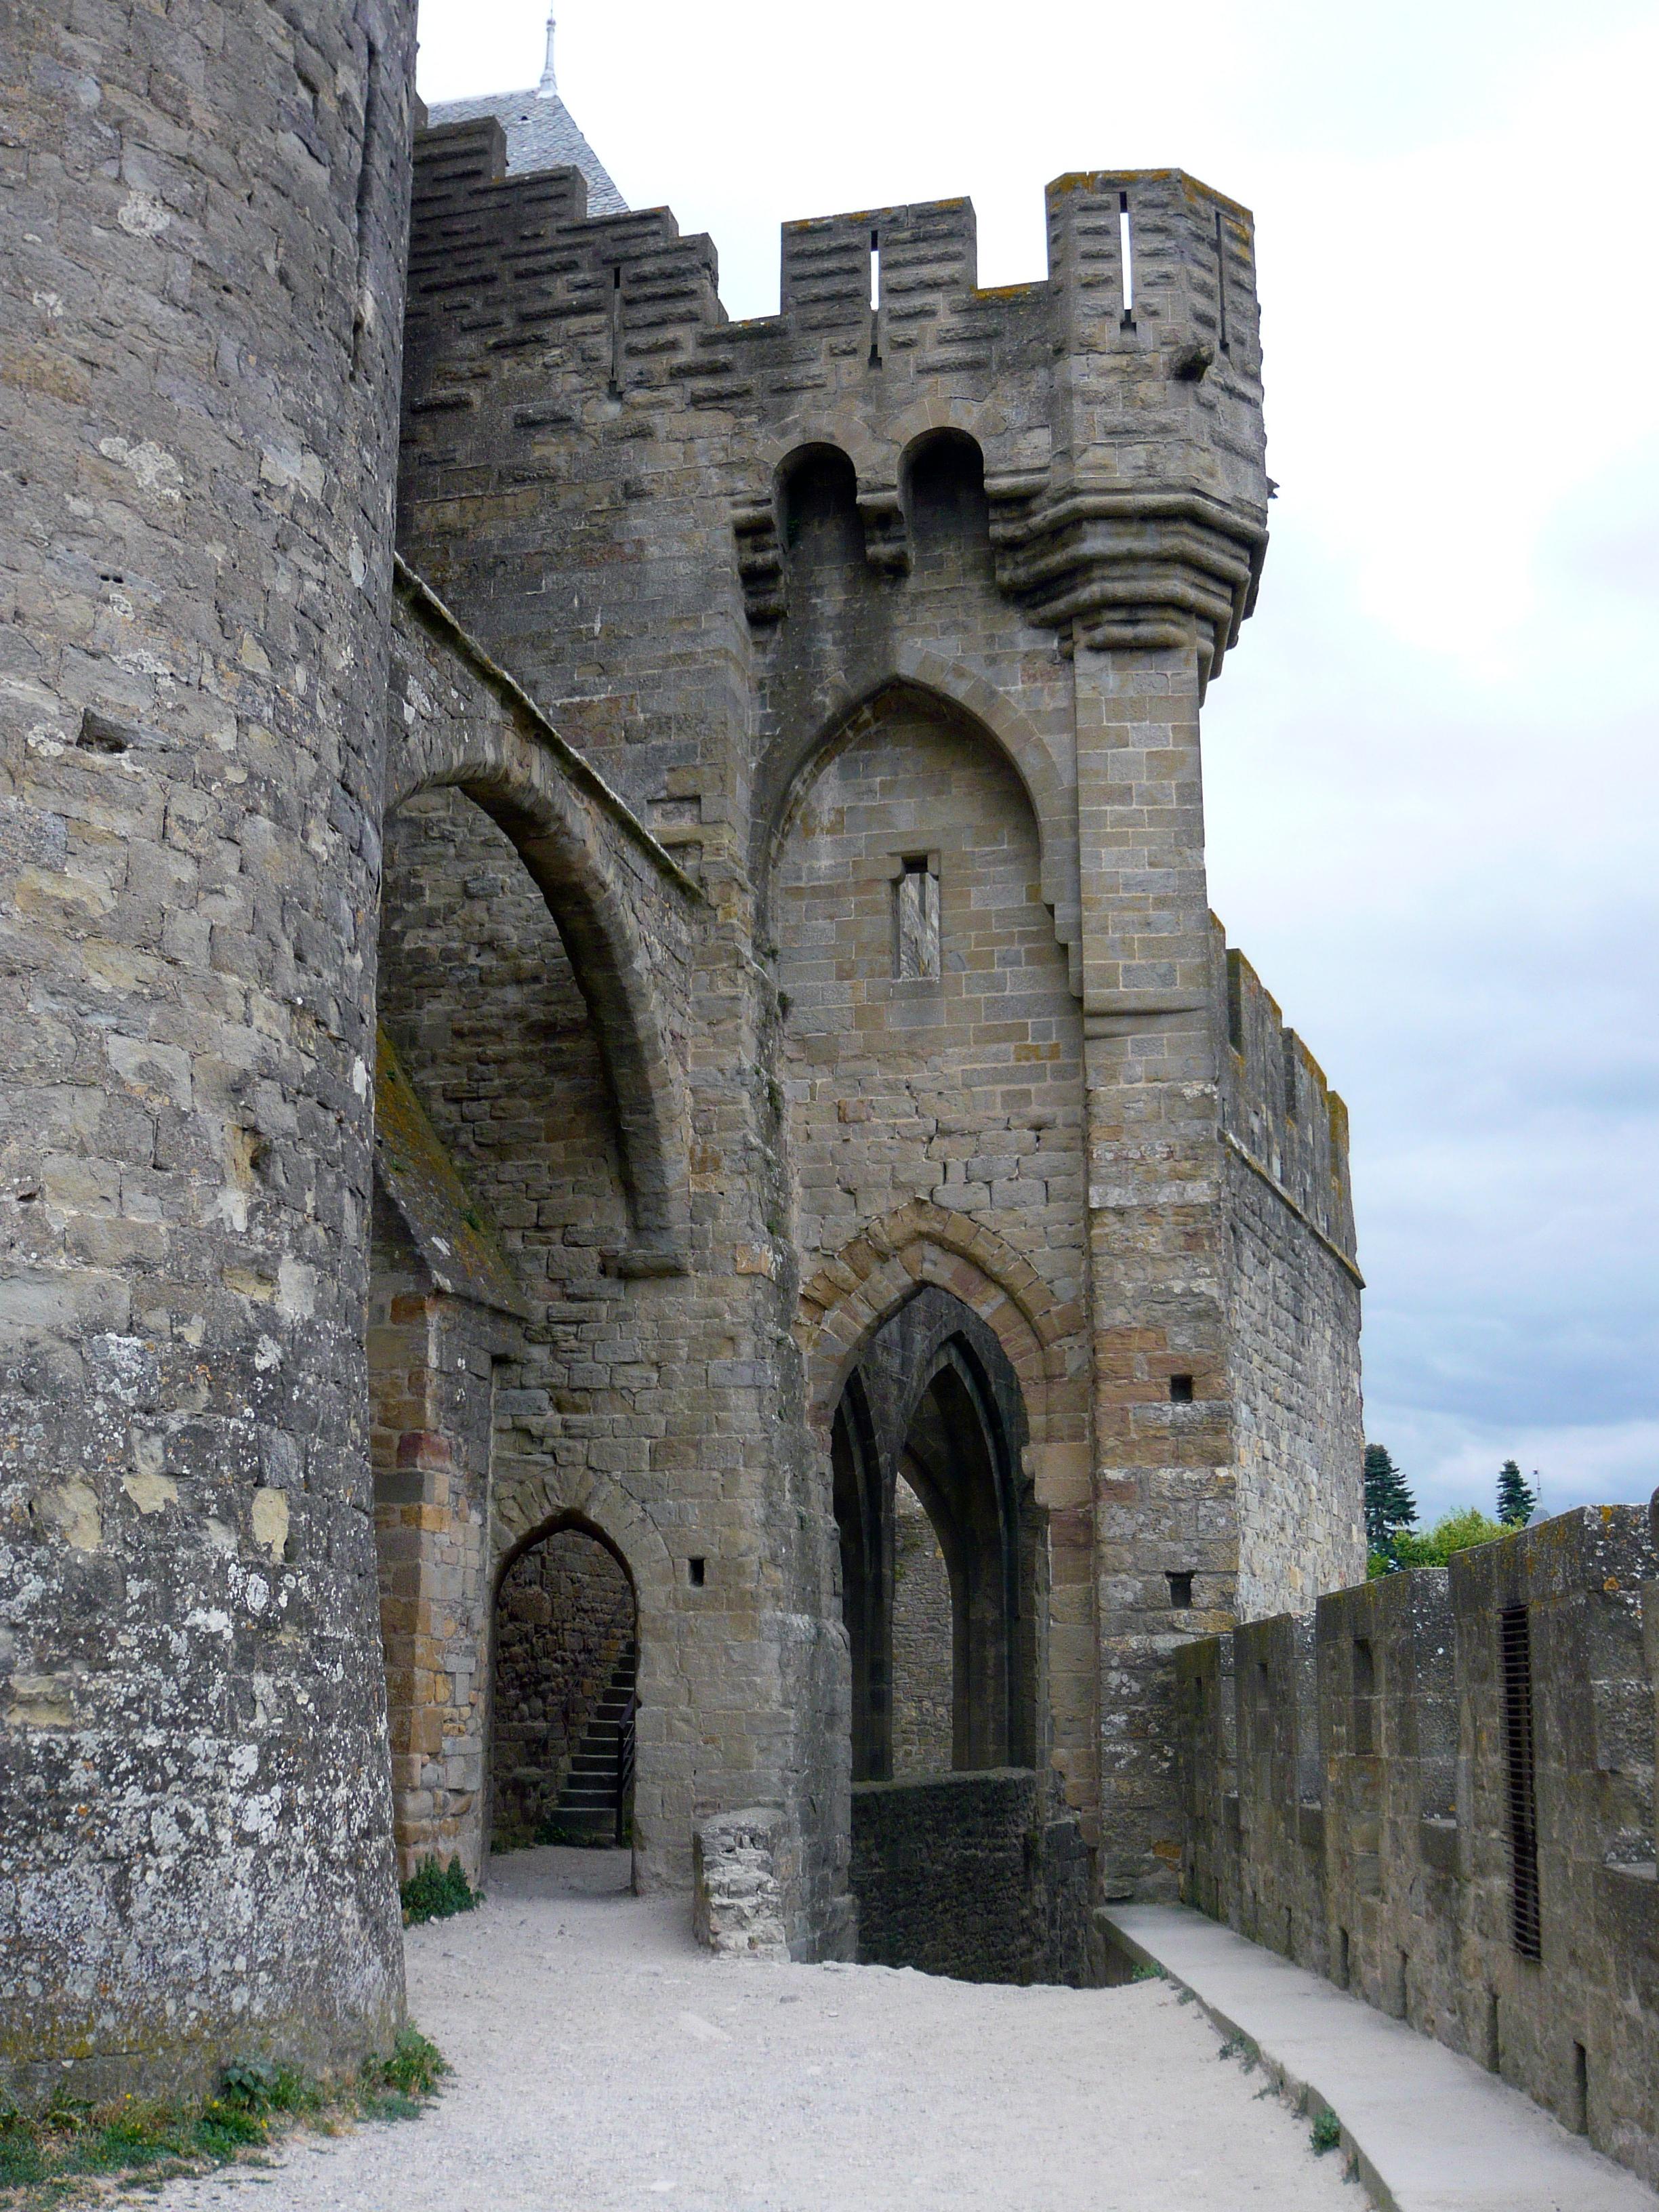 Puerta y Torre de San Nazario